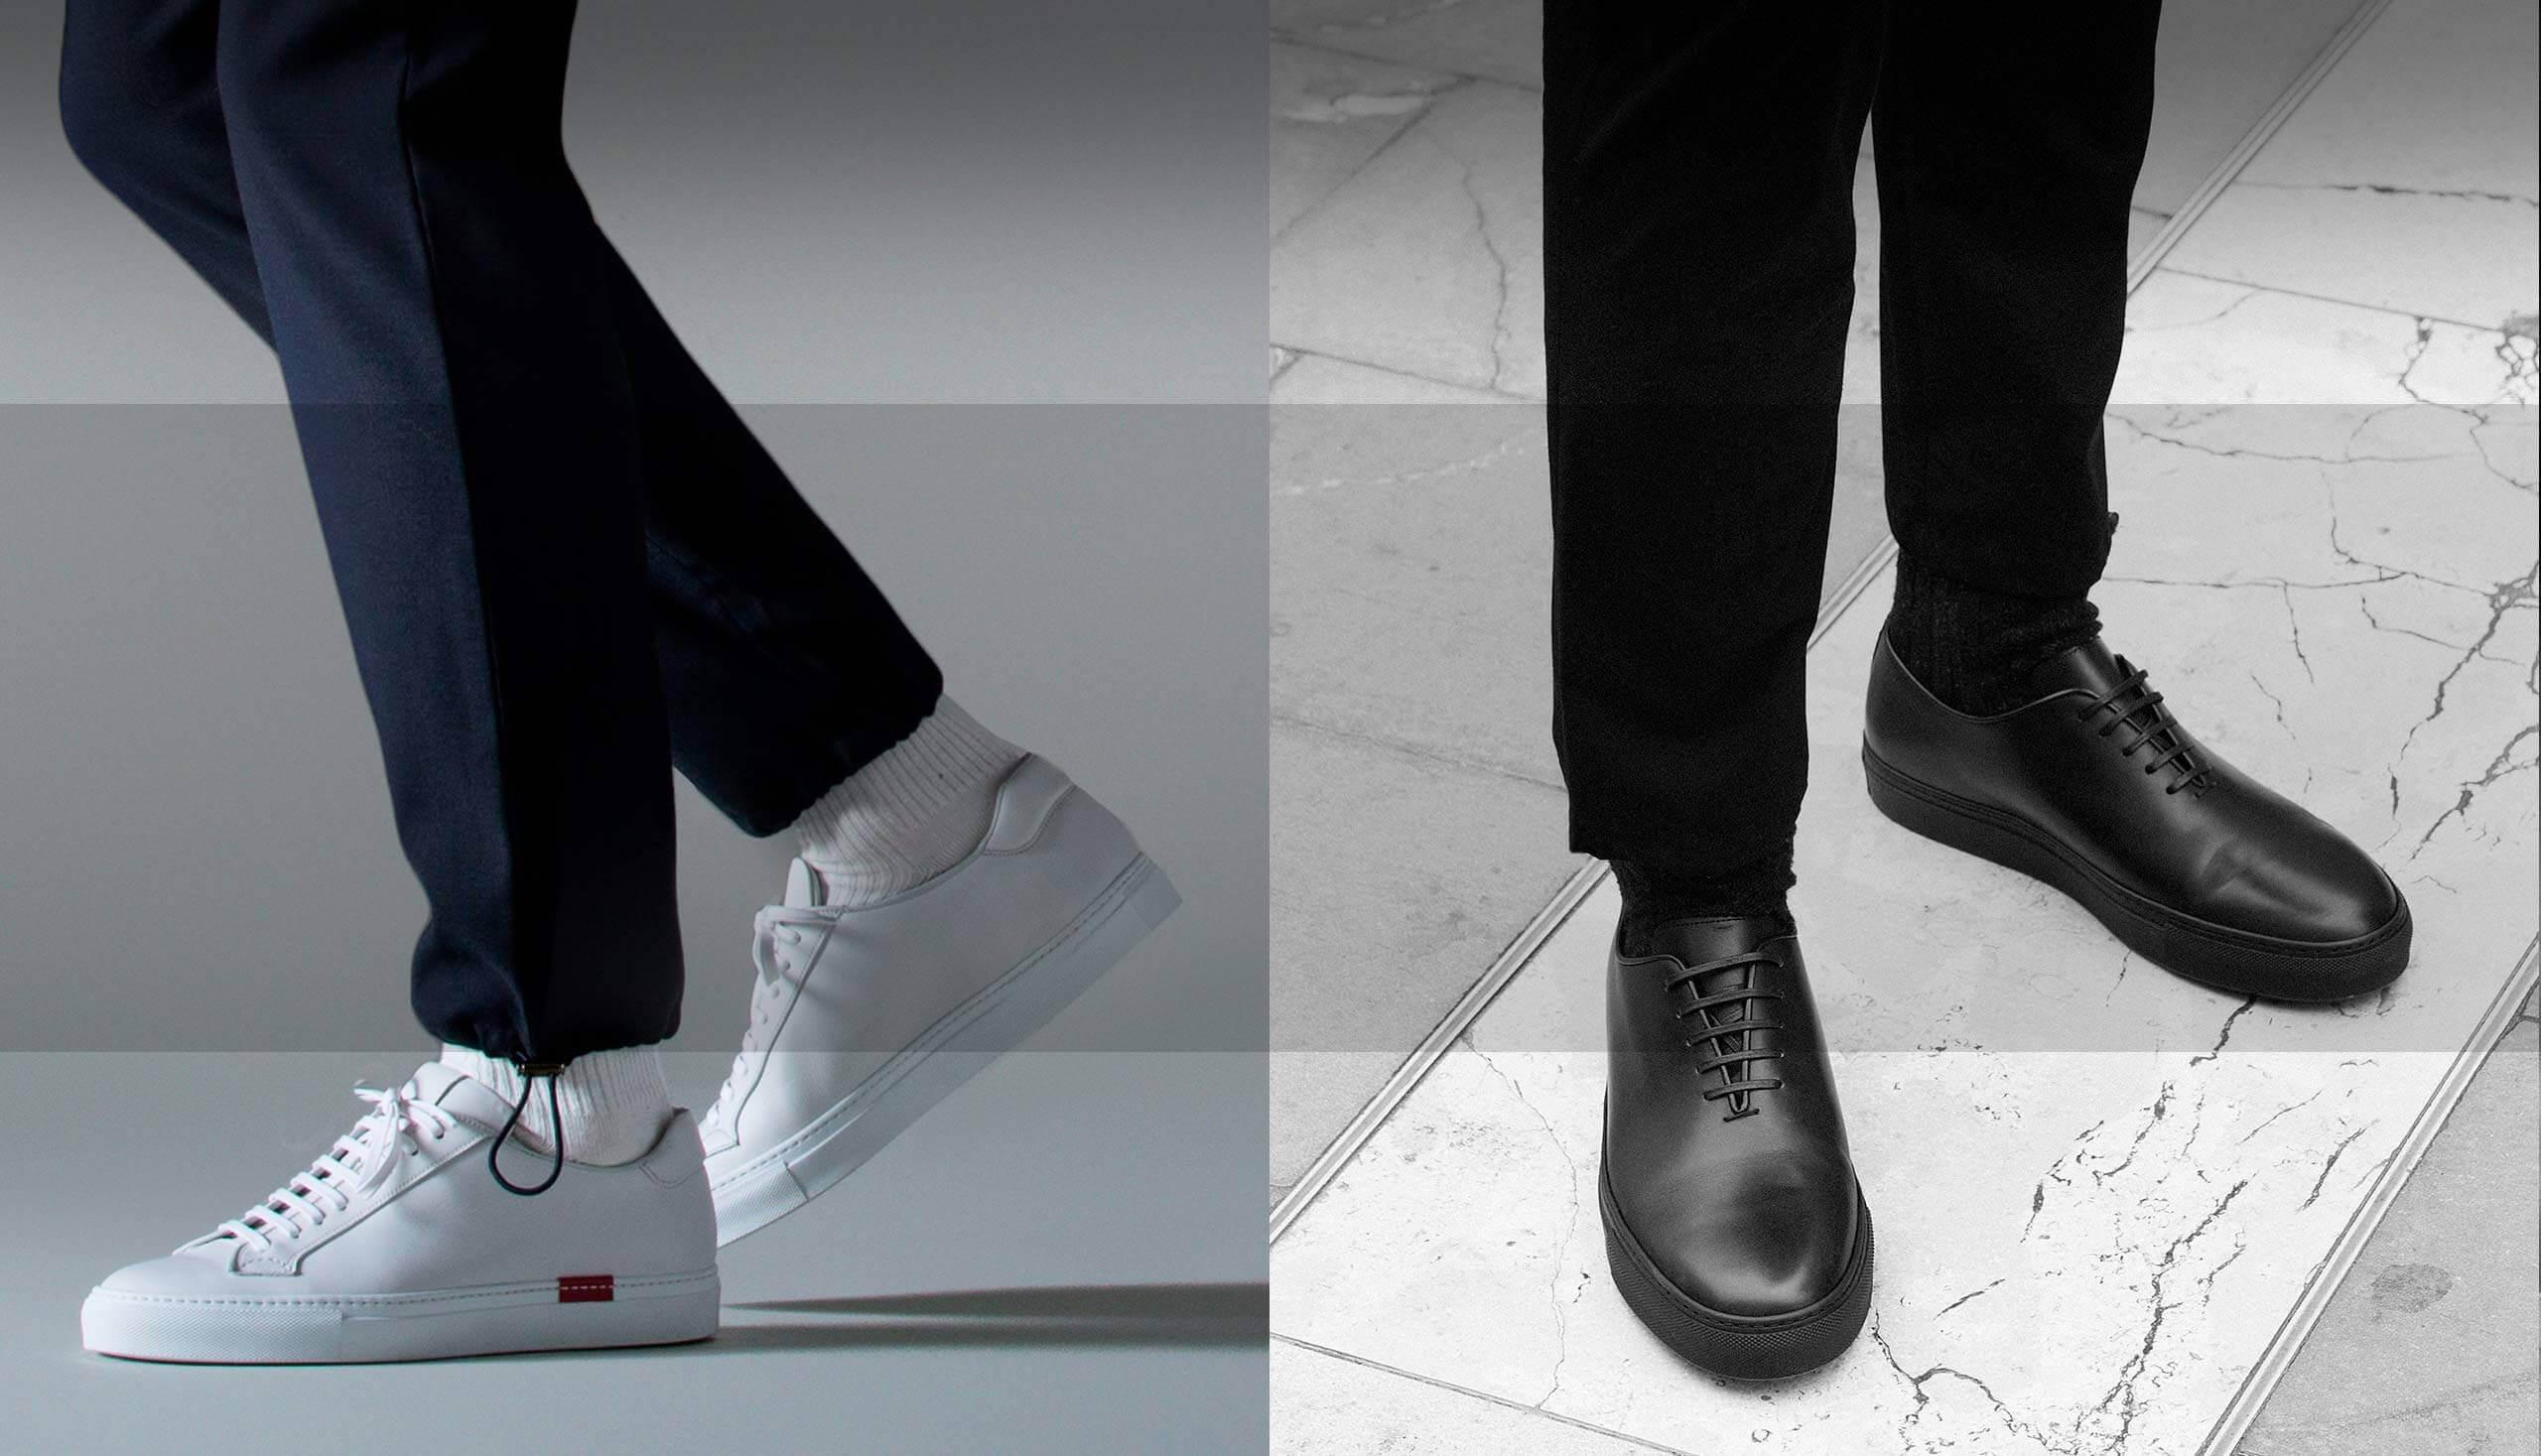 Sneakers vs Comfort